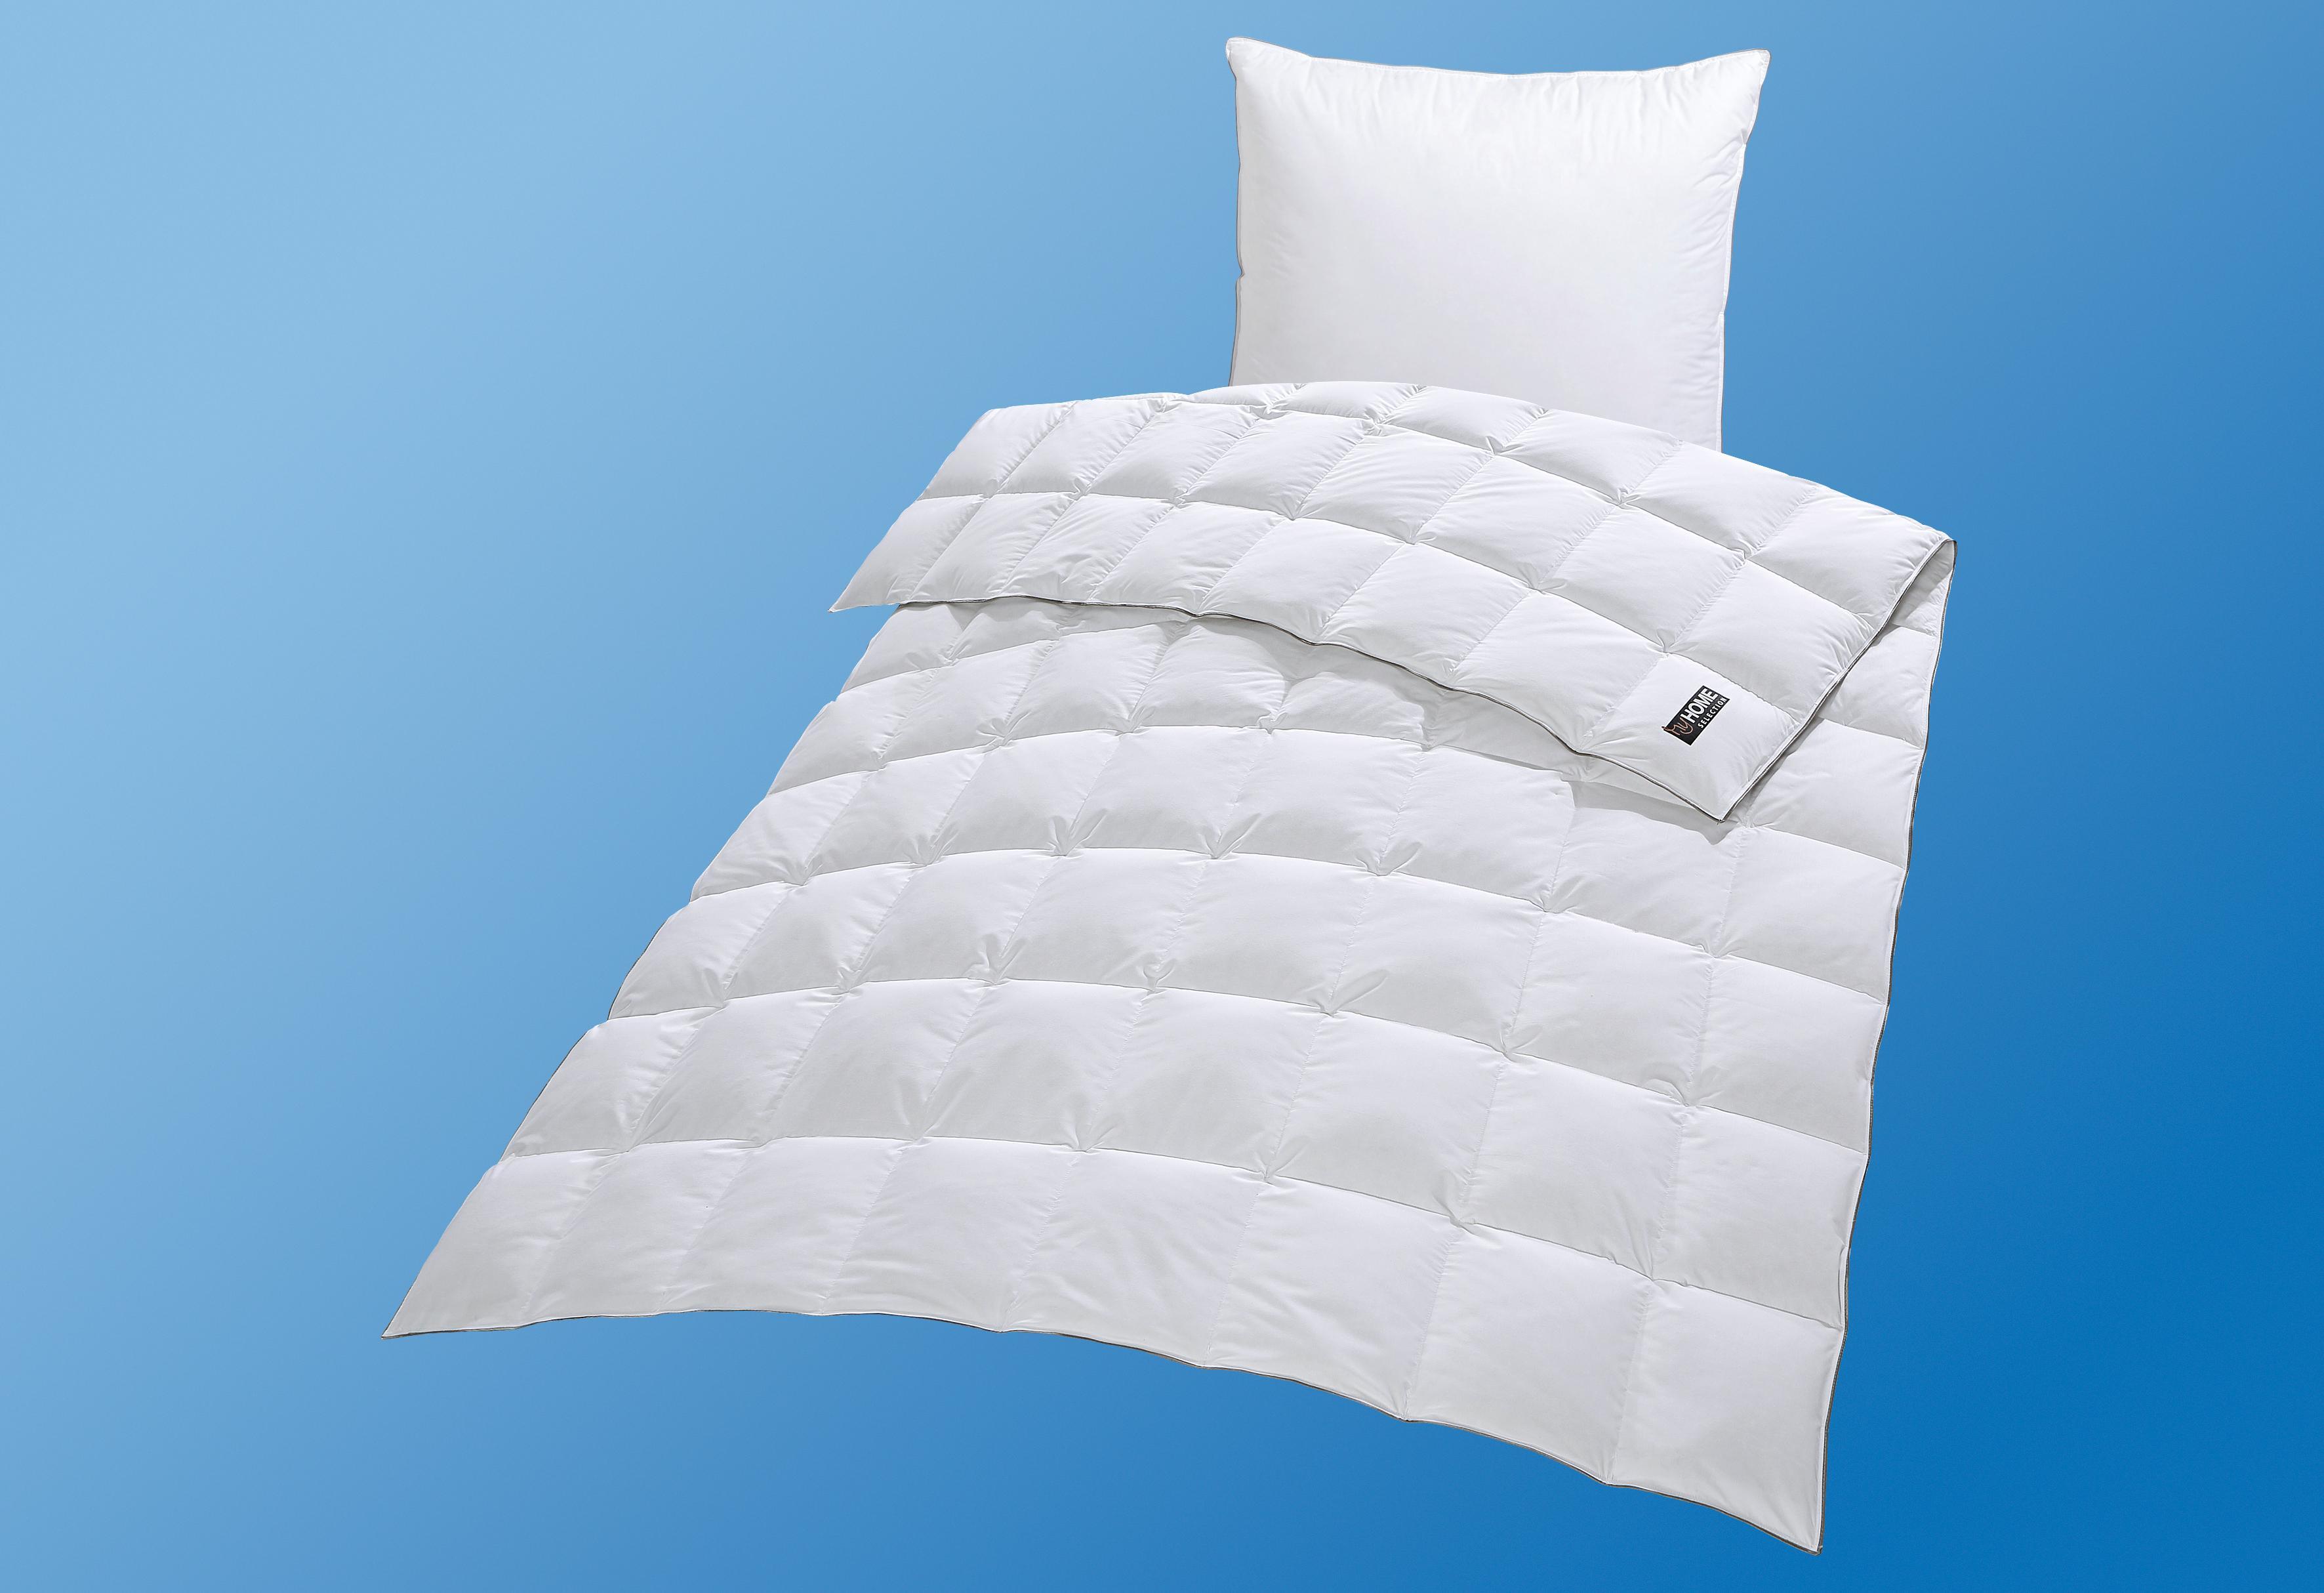 Daunenbettdecke Mailand my home Selection leicht Füllung: 90% Daunen 10% Federn Bezug: 100% Baumwolle